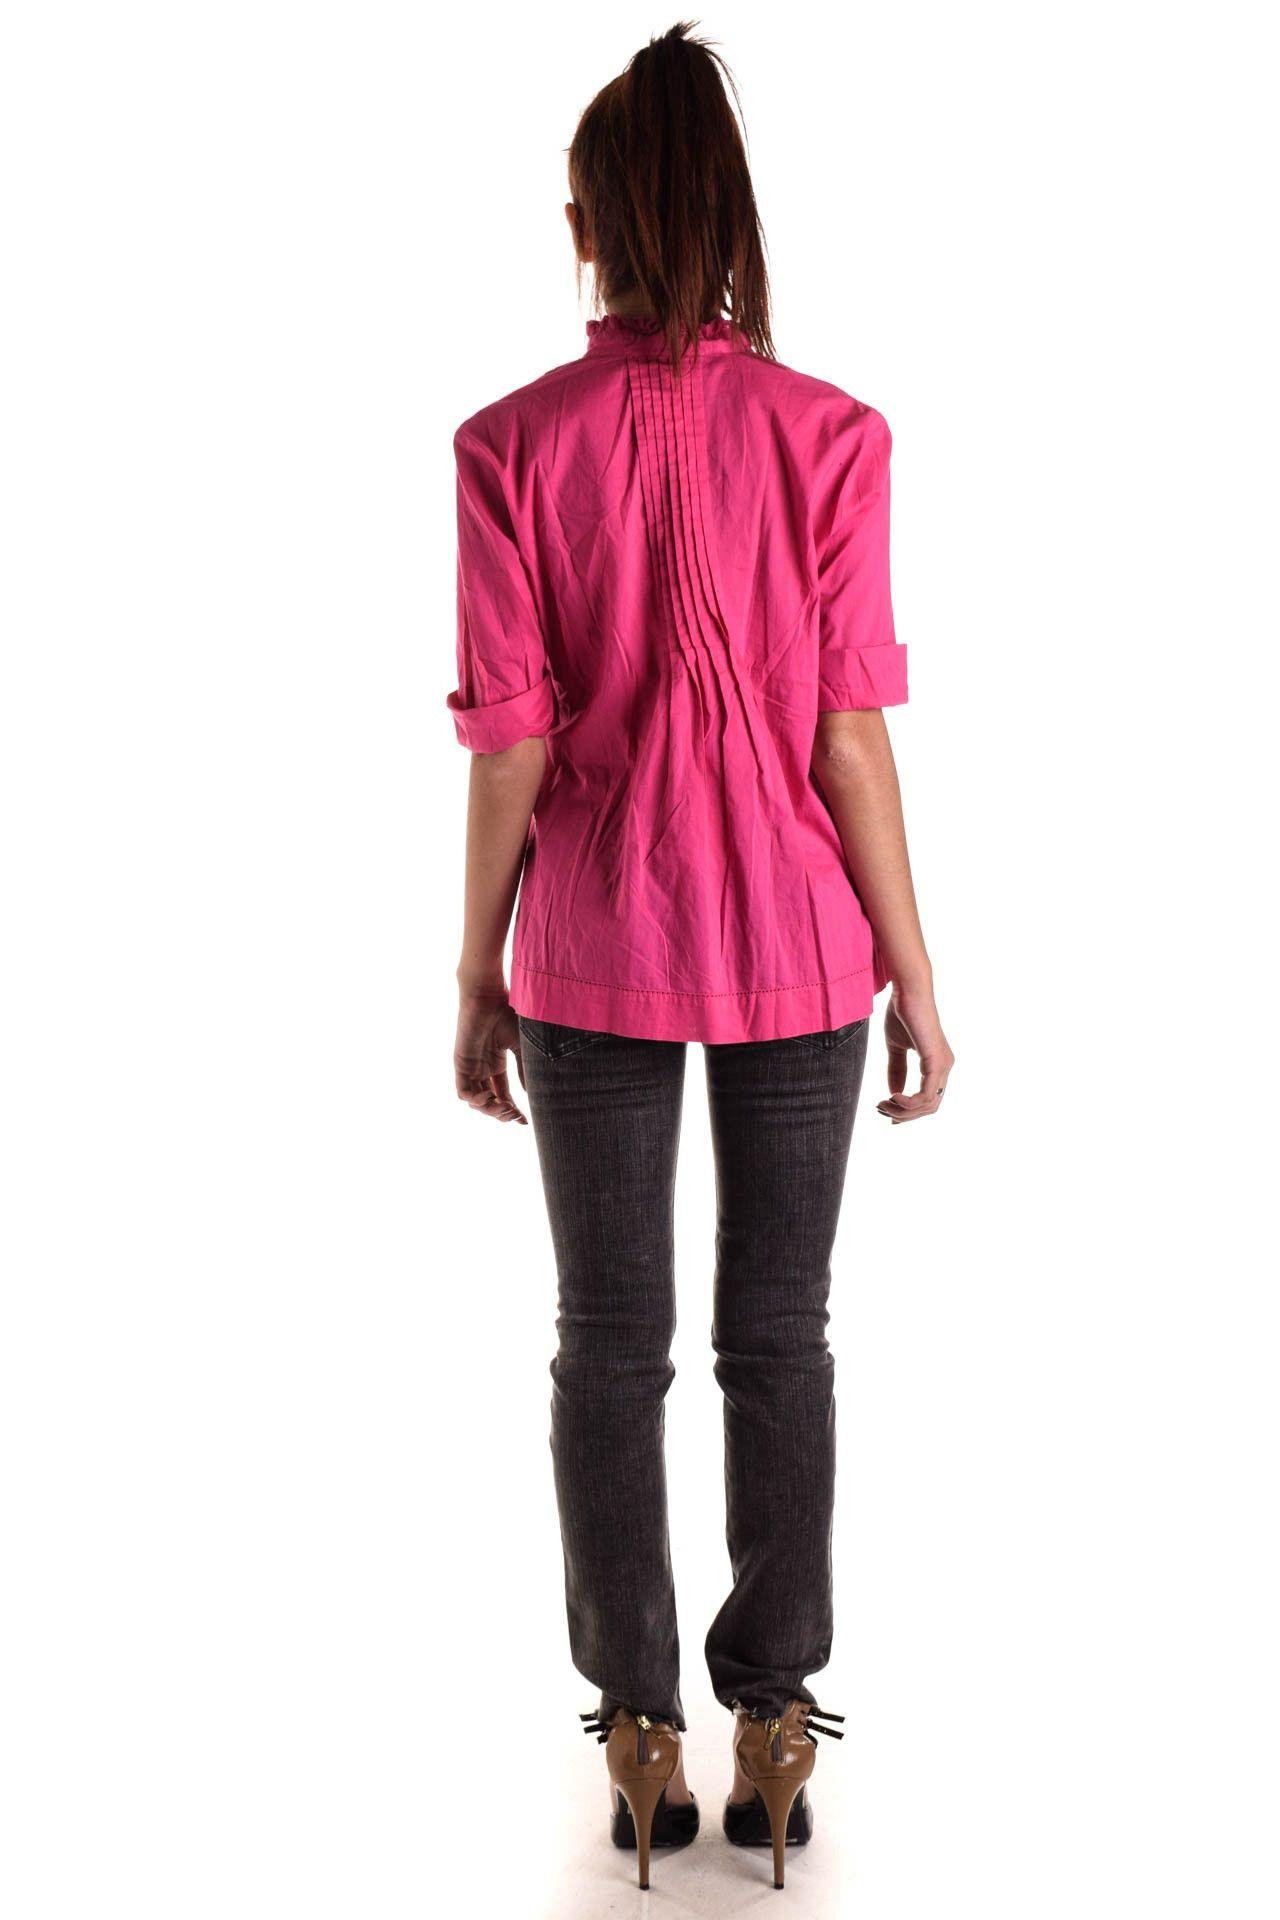 Michael Kors - Camisa Rosa Drapeada - Foto 5